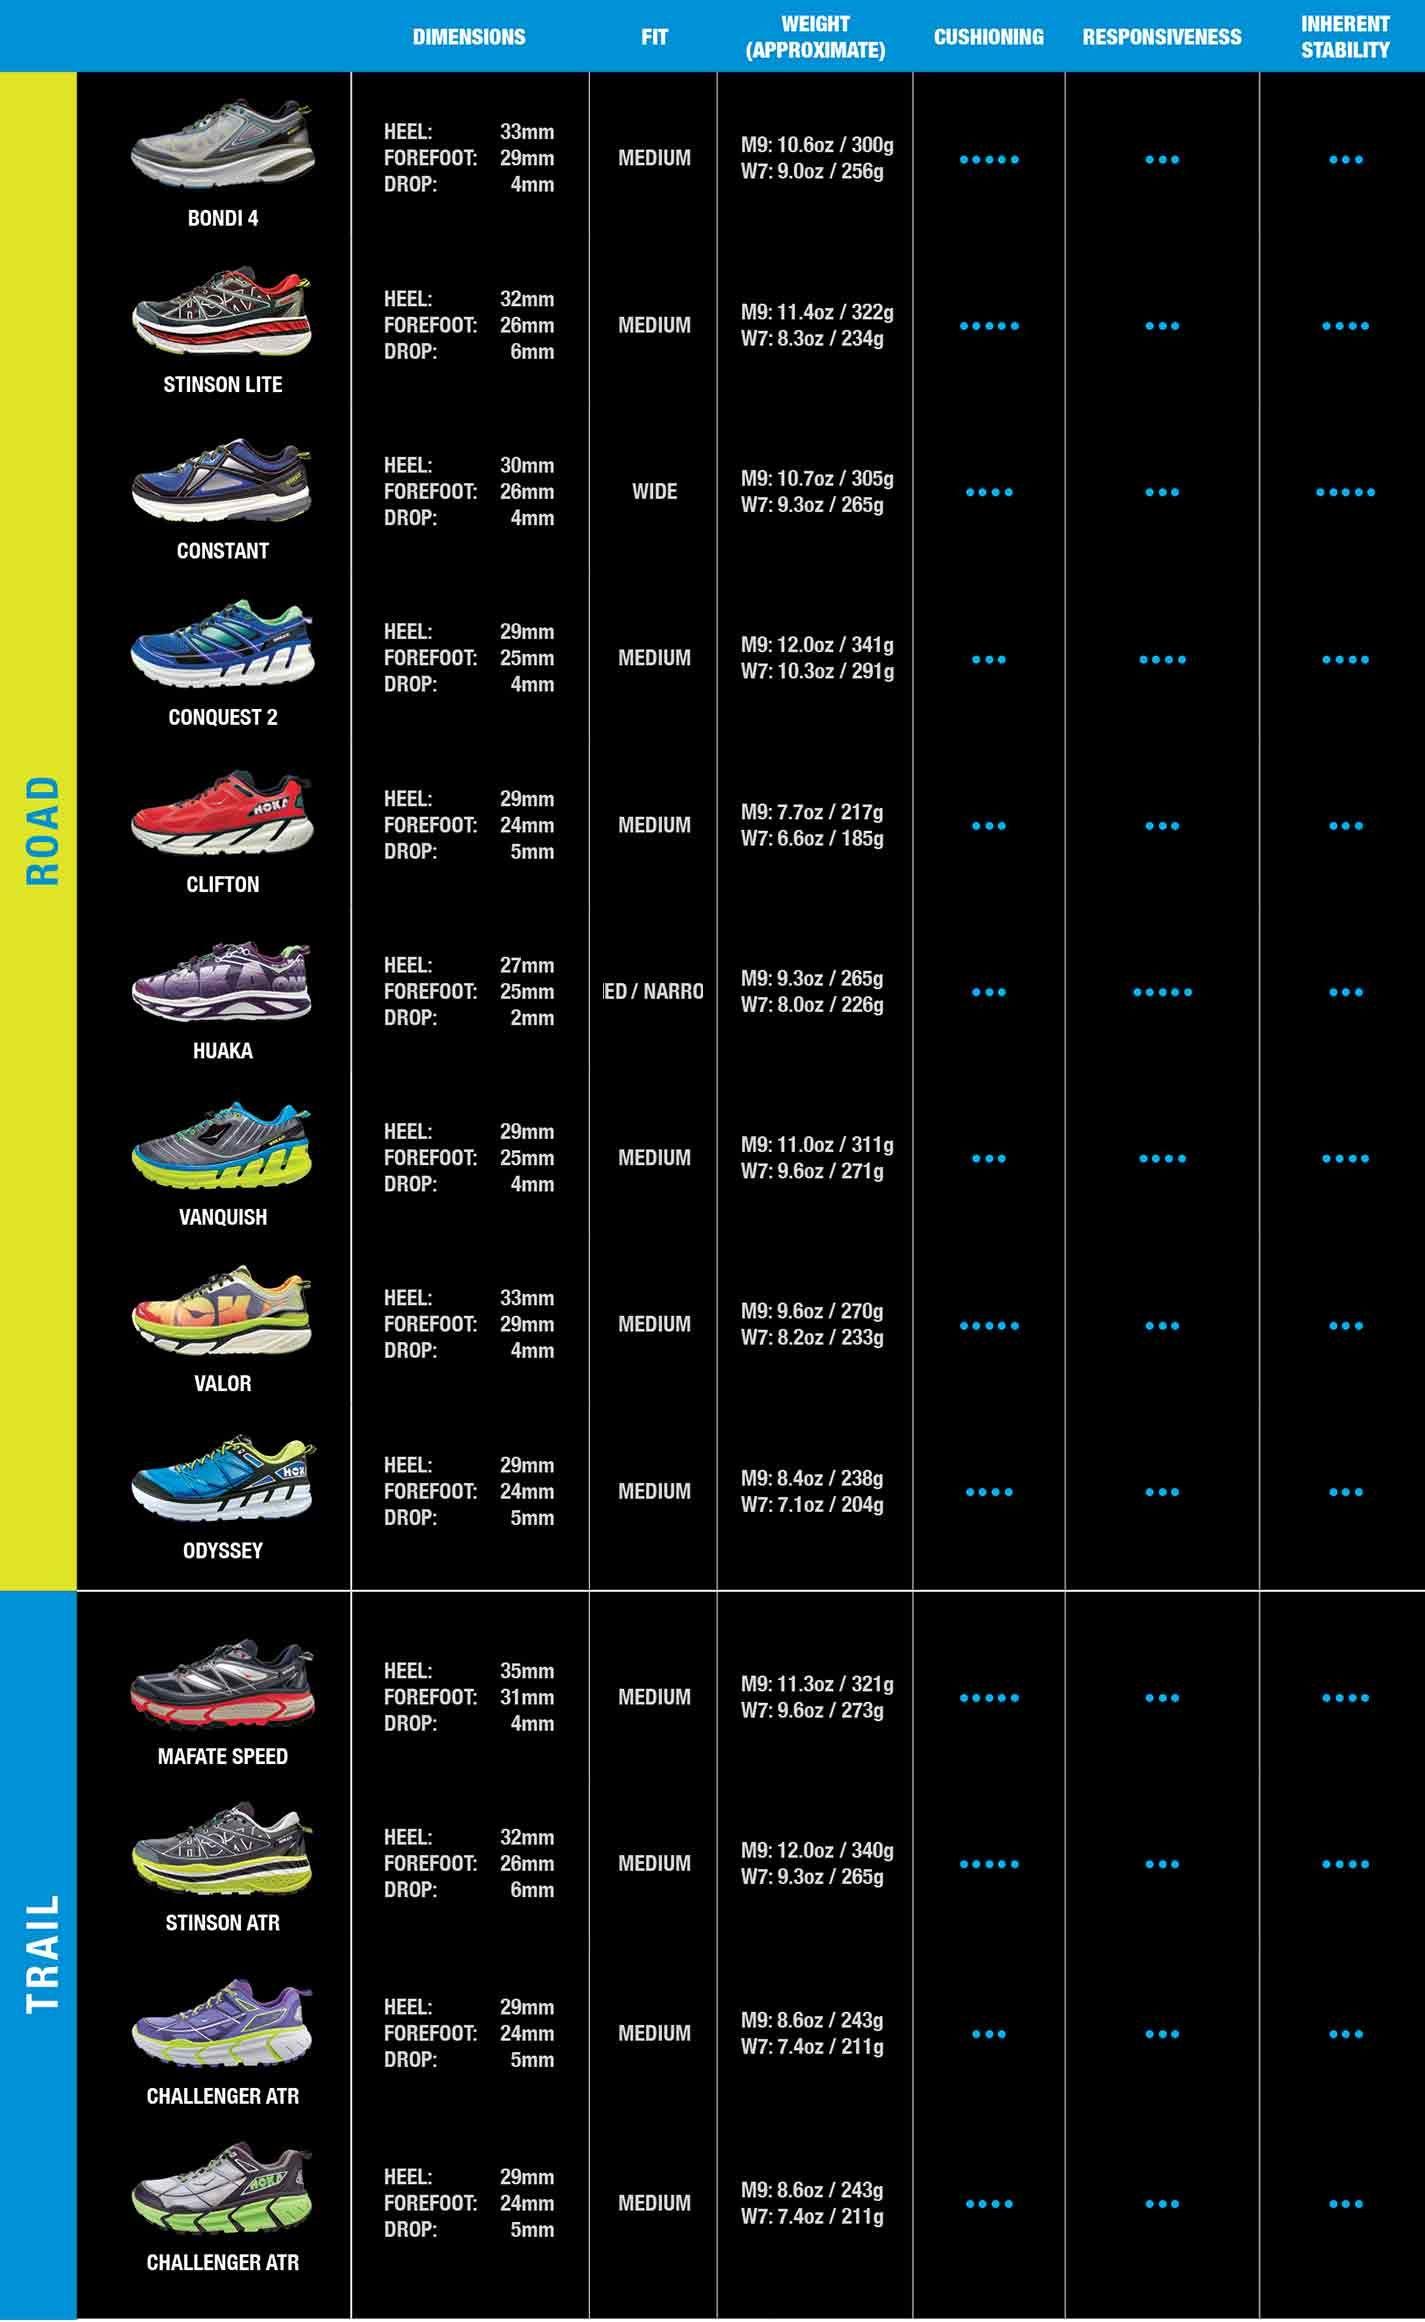 shoe comparison